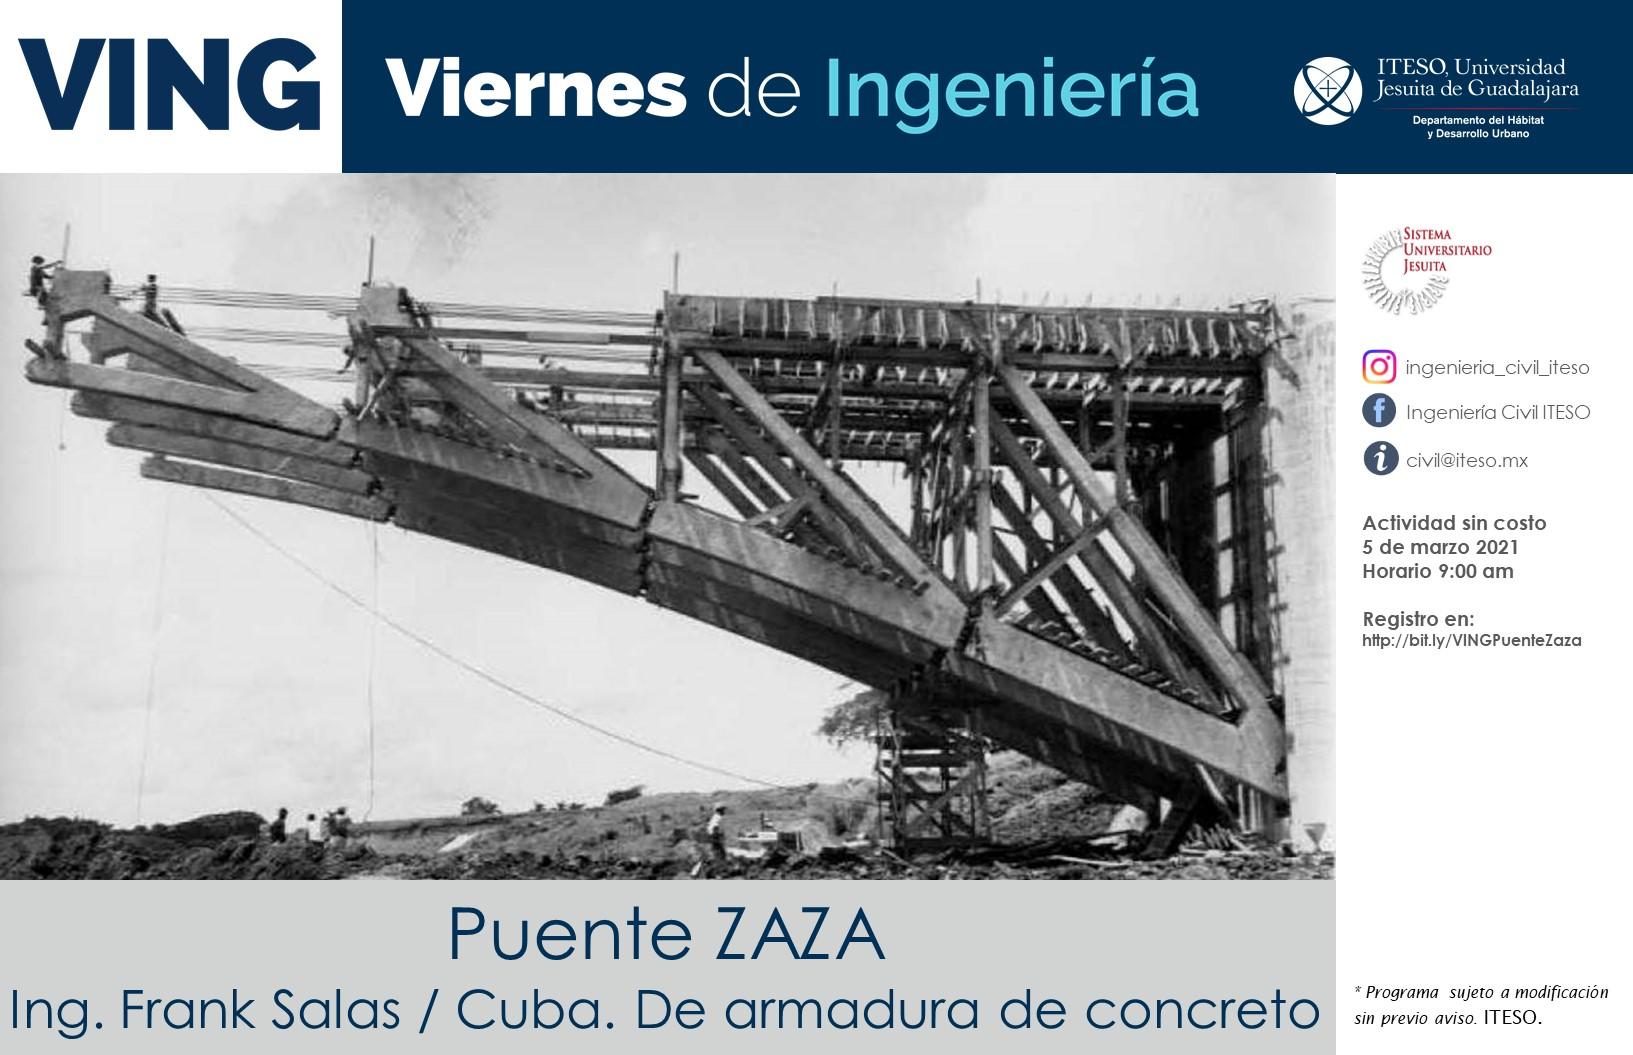 VING Puente Zaza